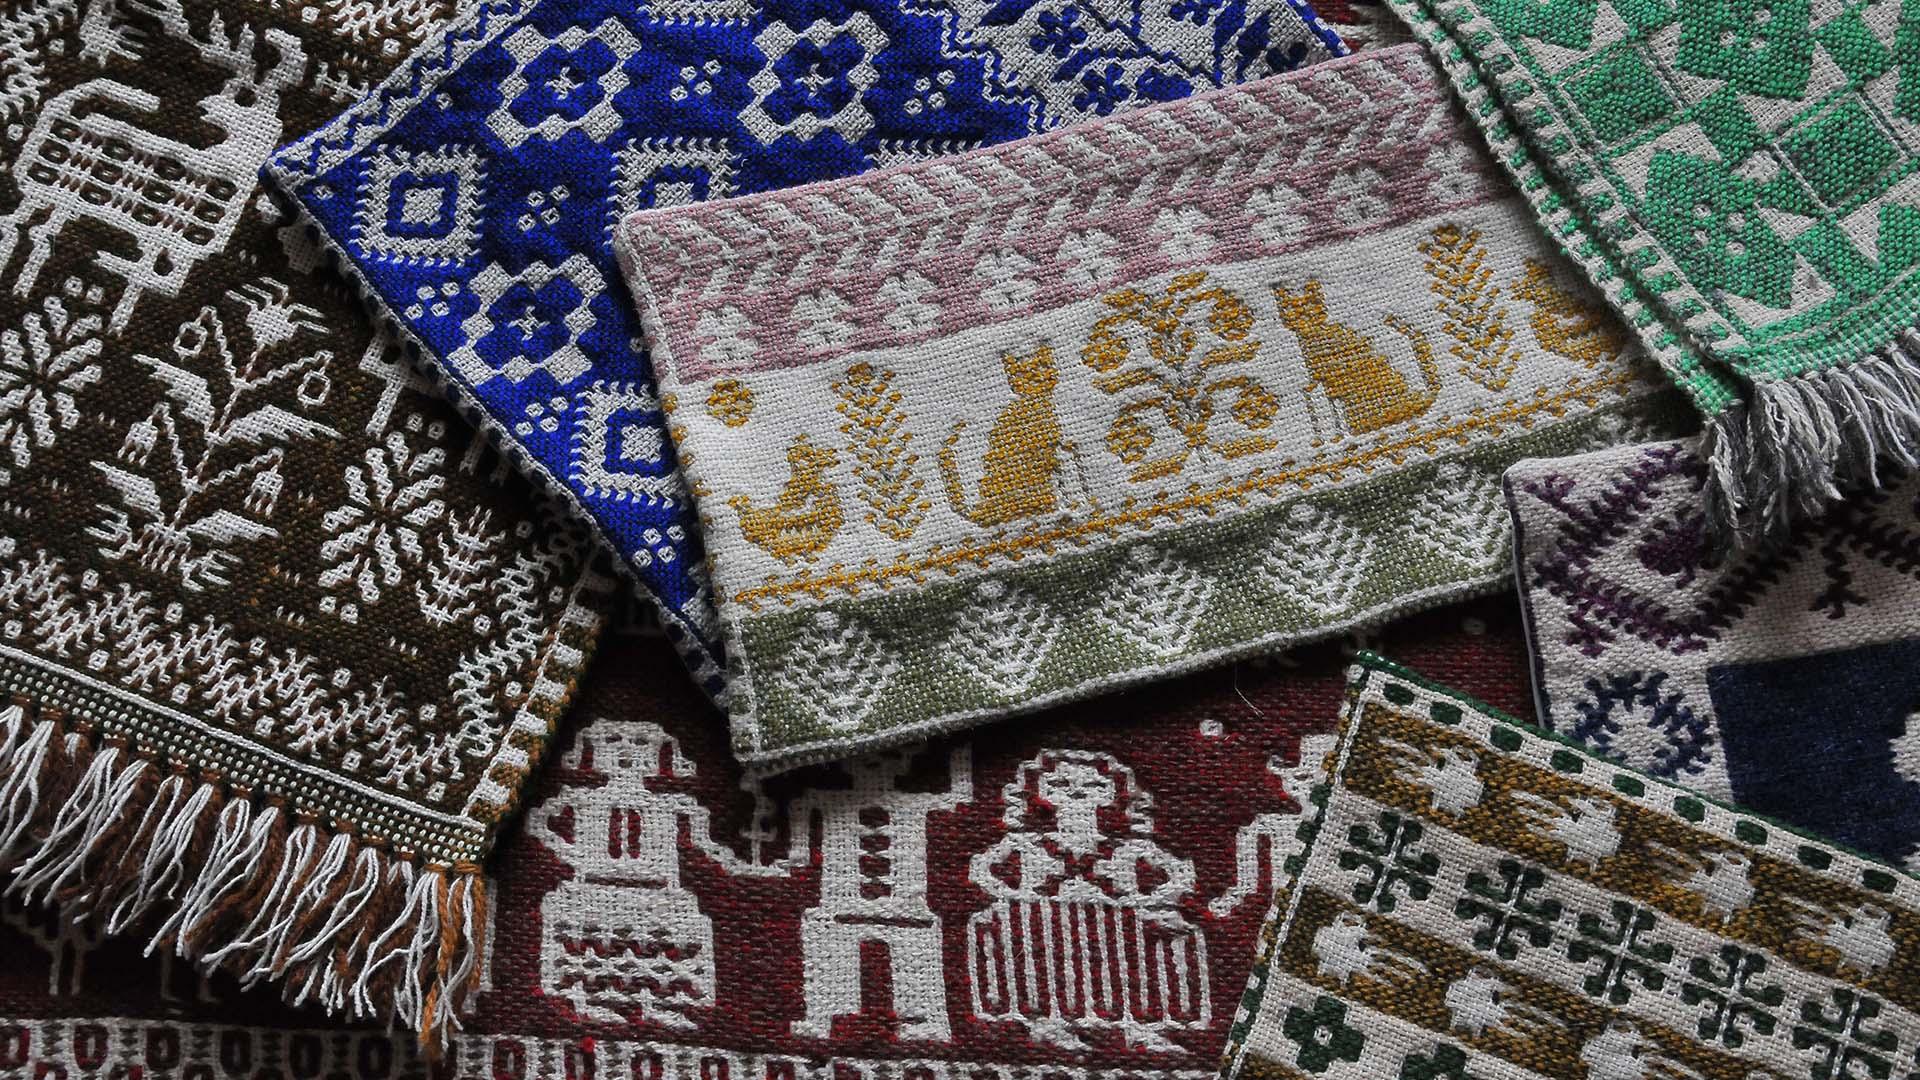 ポーランド・ヤノフ村の織物展 vol.2